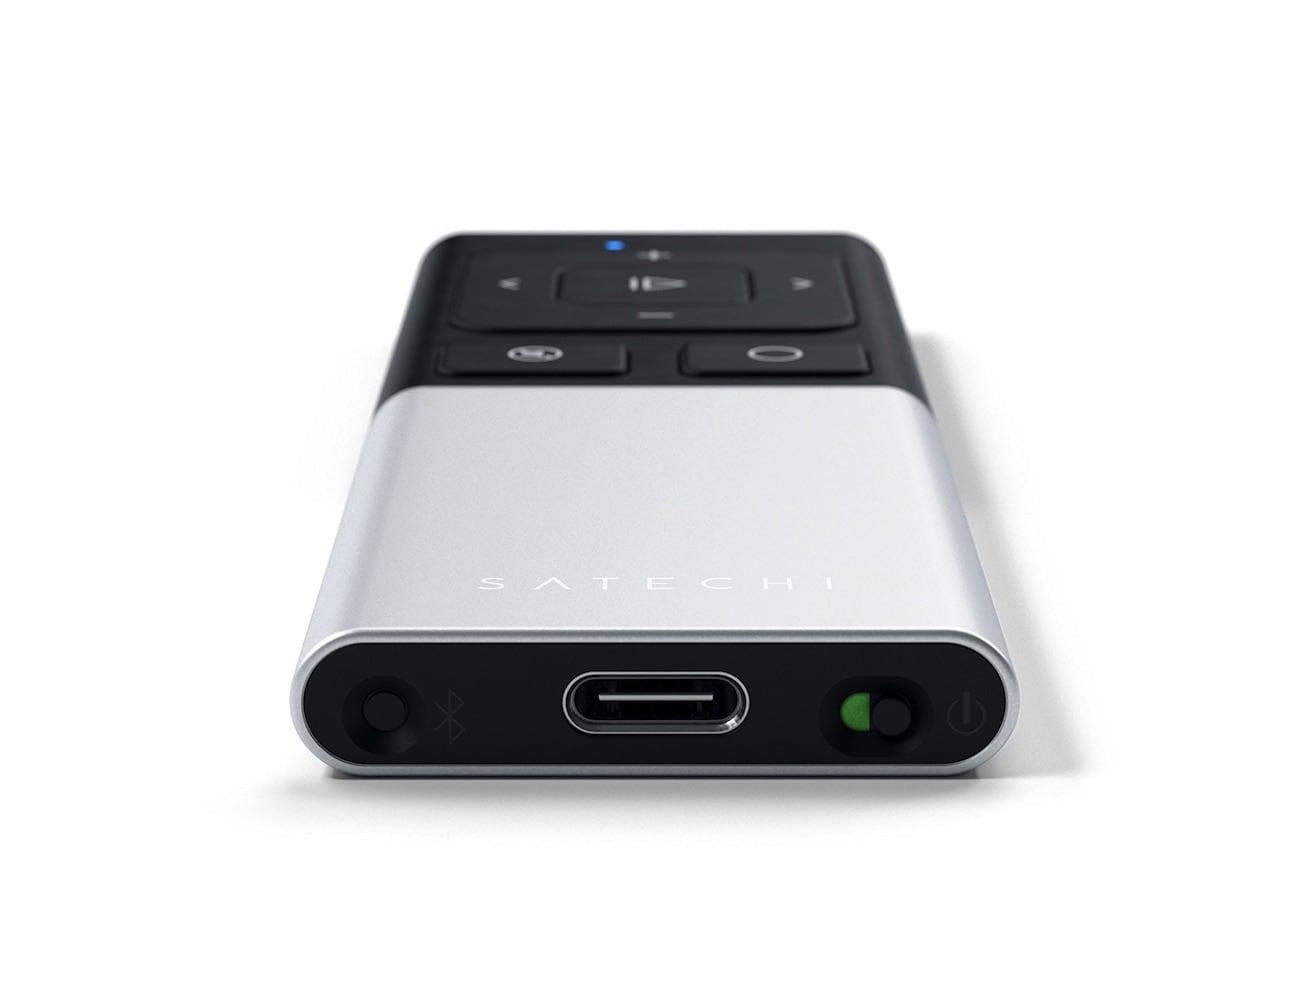 Satechi Wireless Multimedia Remote